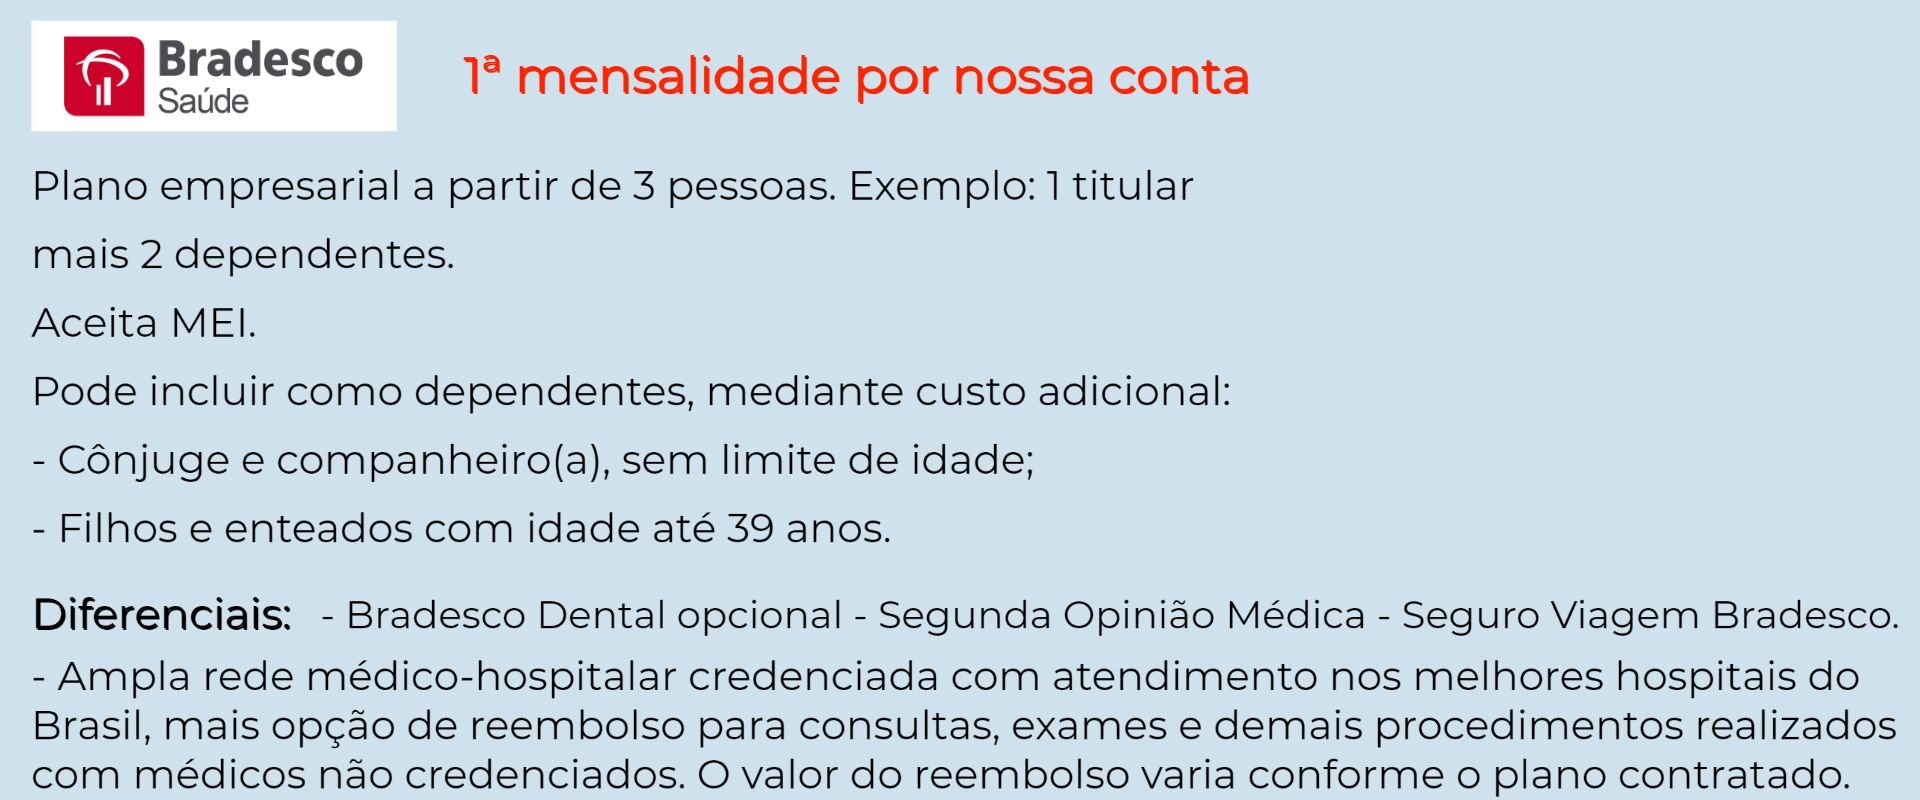 Bradesco Saúde Empresarial -  Manicoré